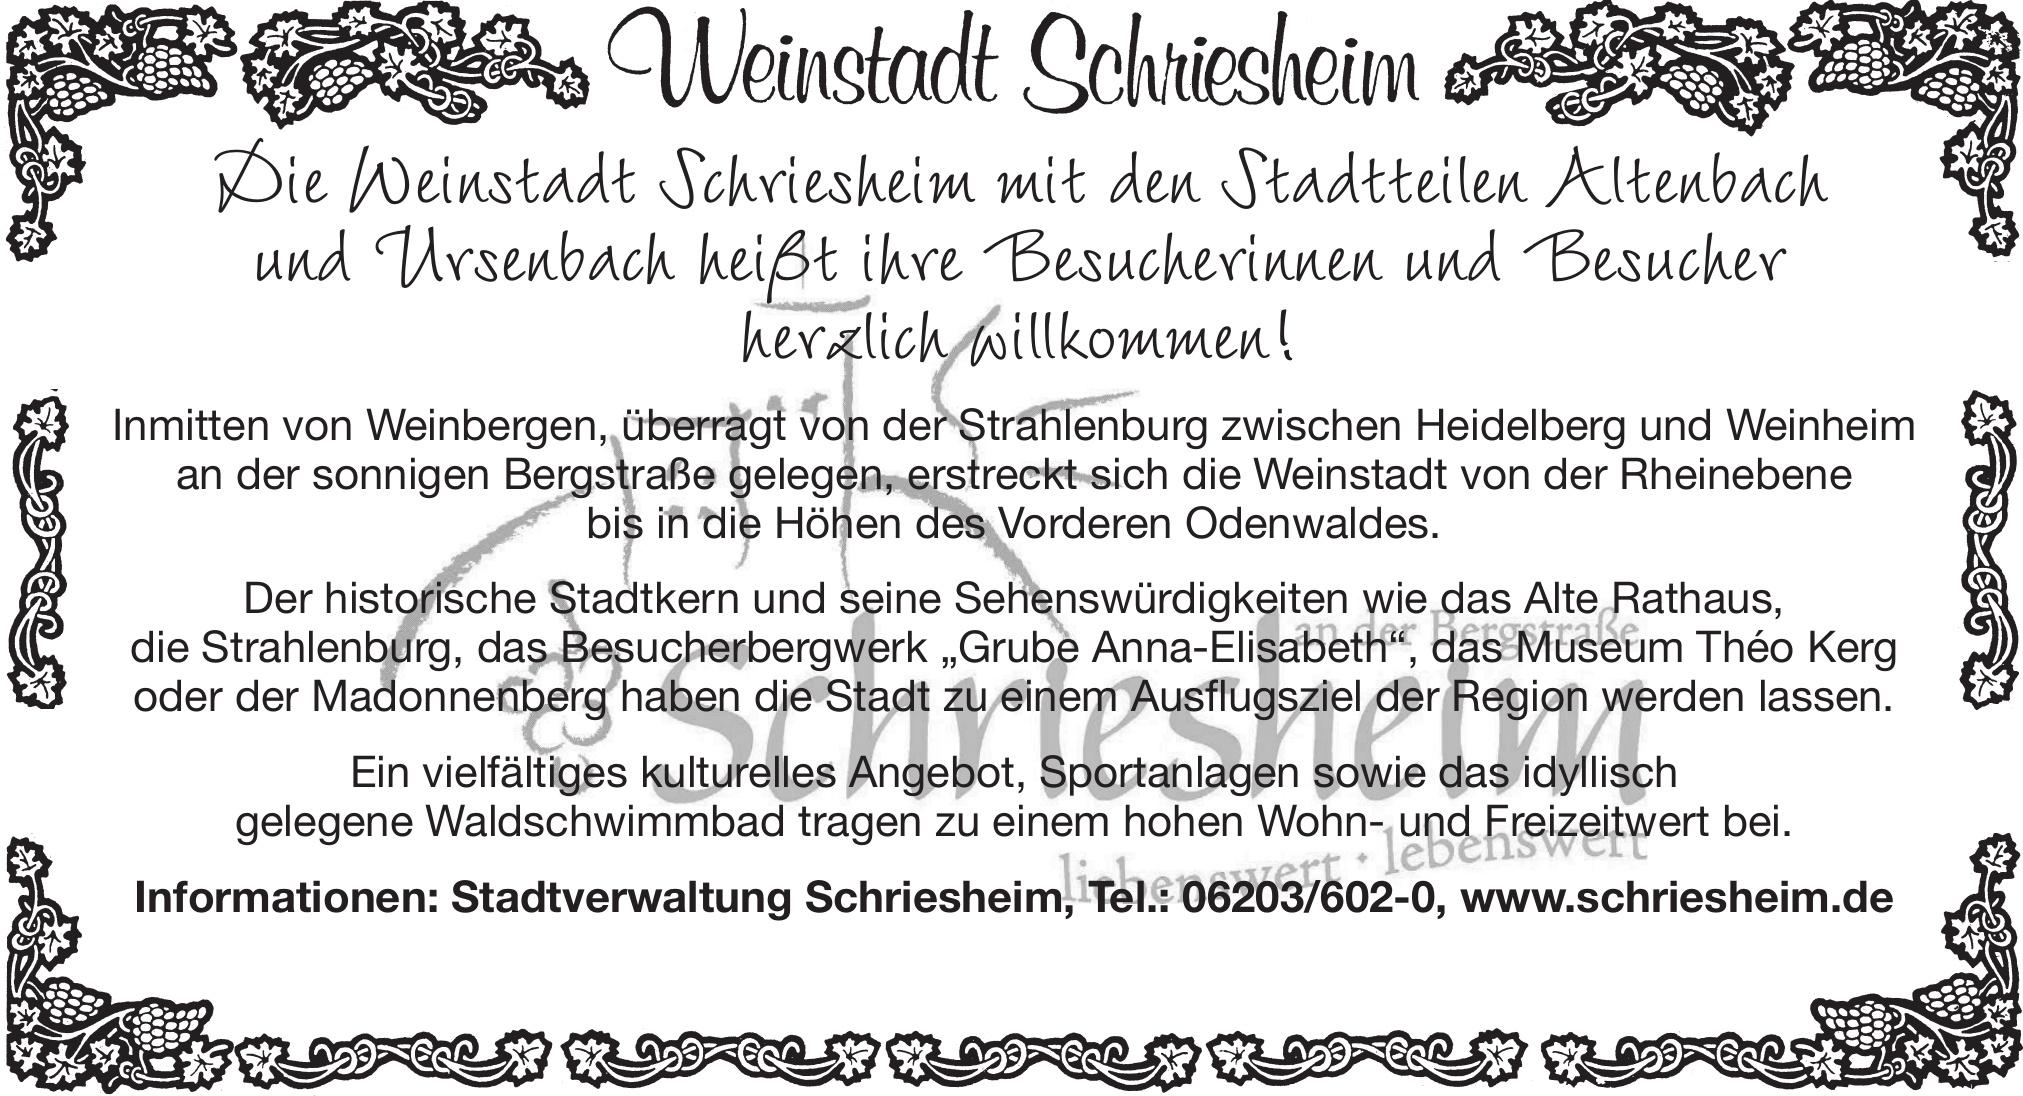 Weinstadt Schriesheim - Stadtverwaltung